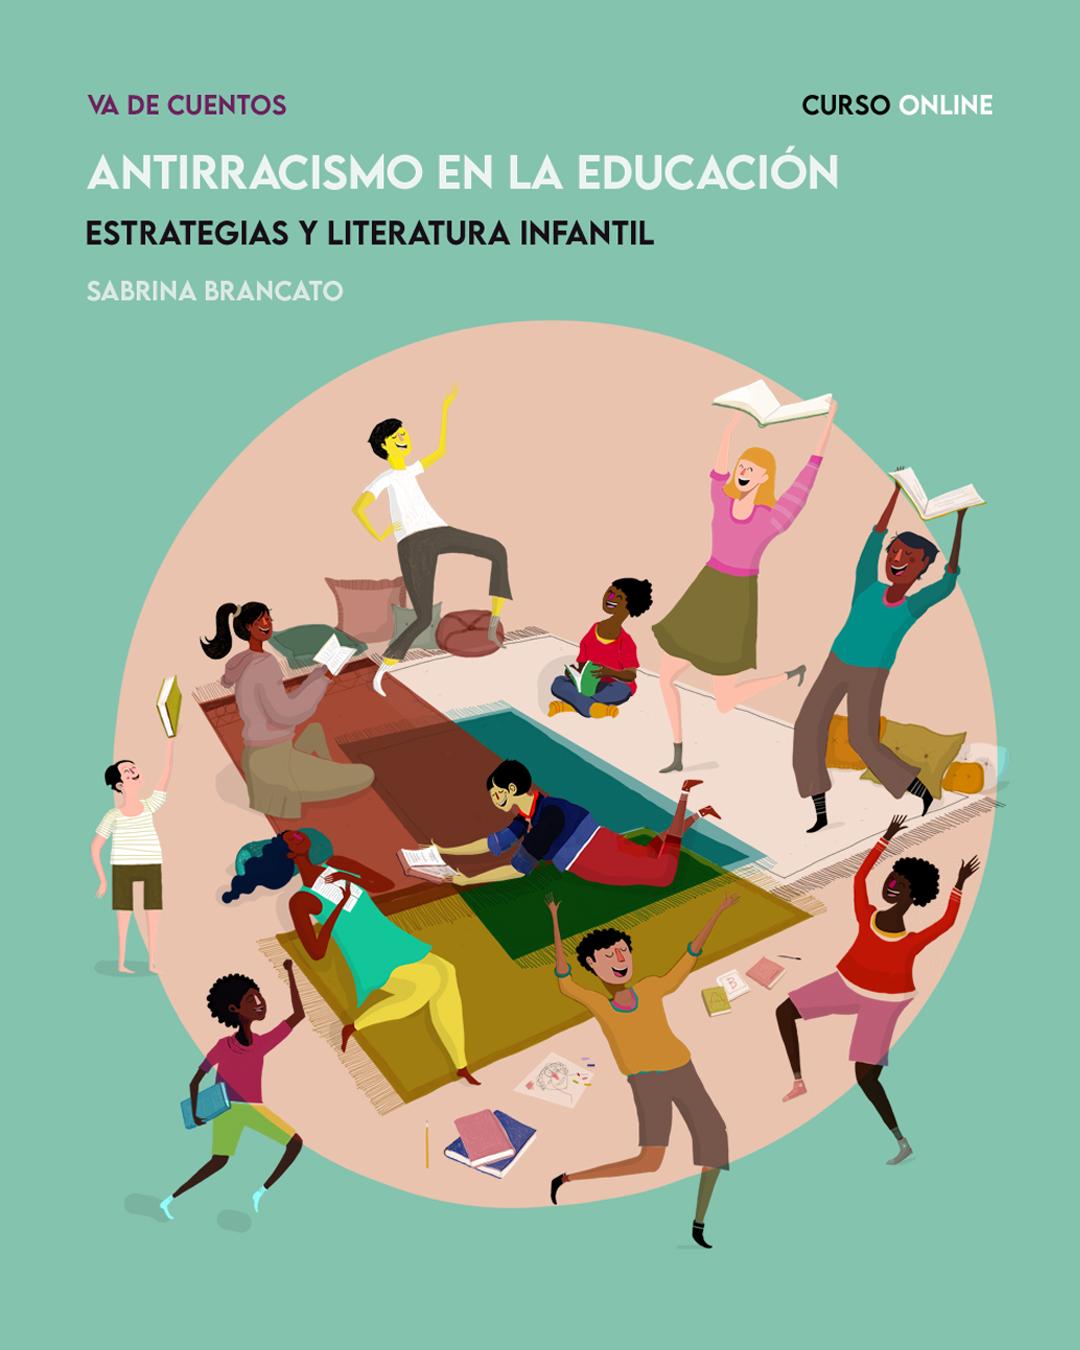 antirracismo en la educación